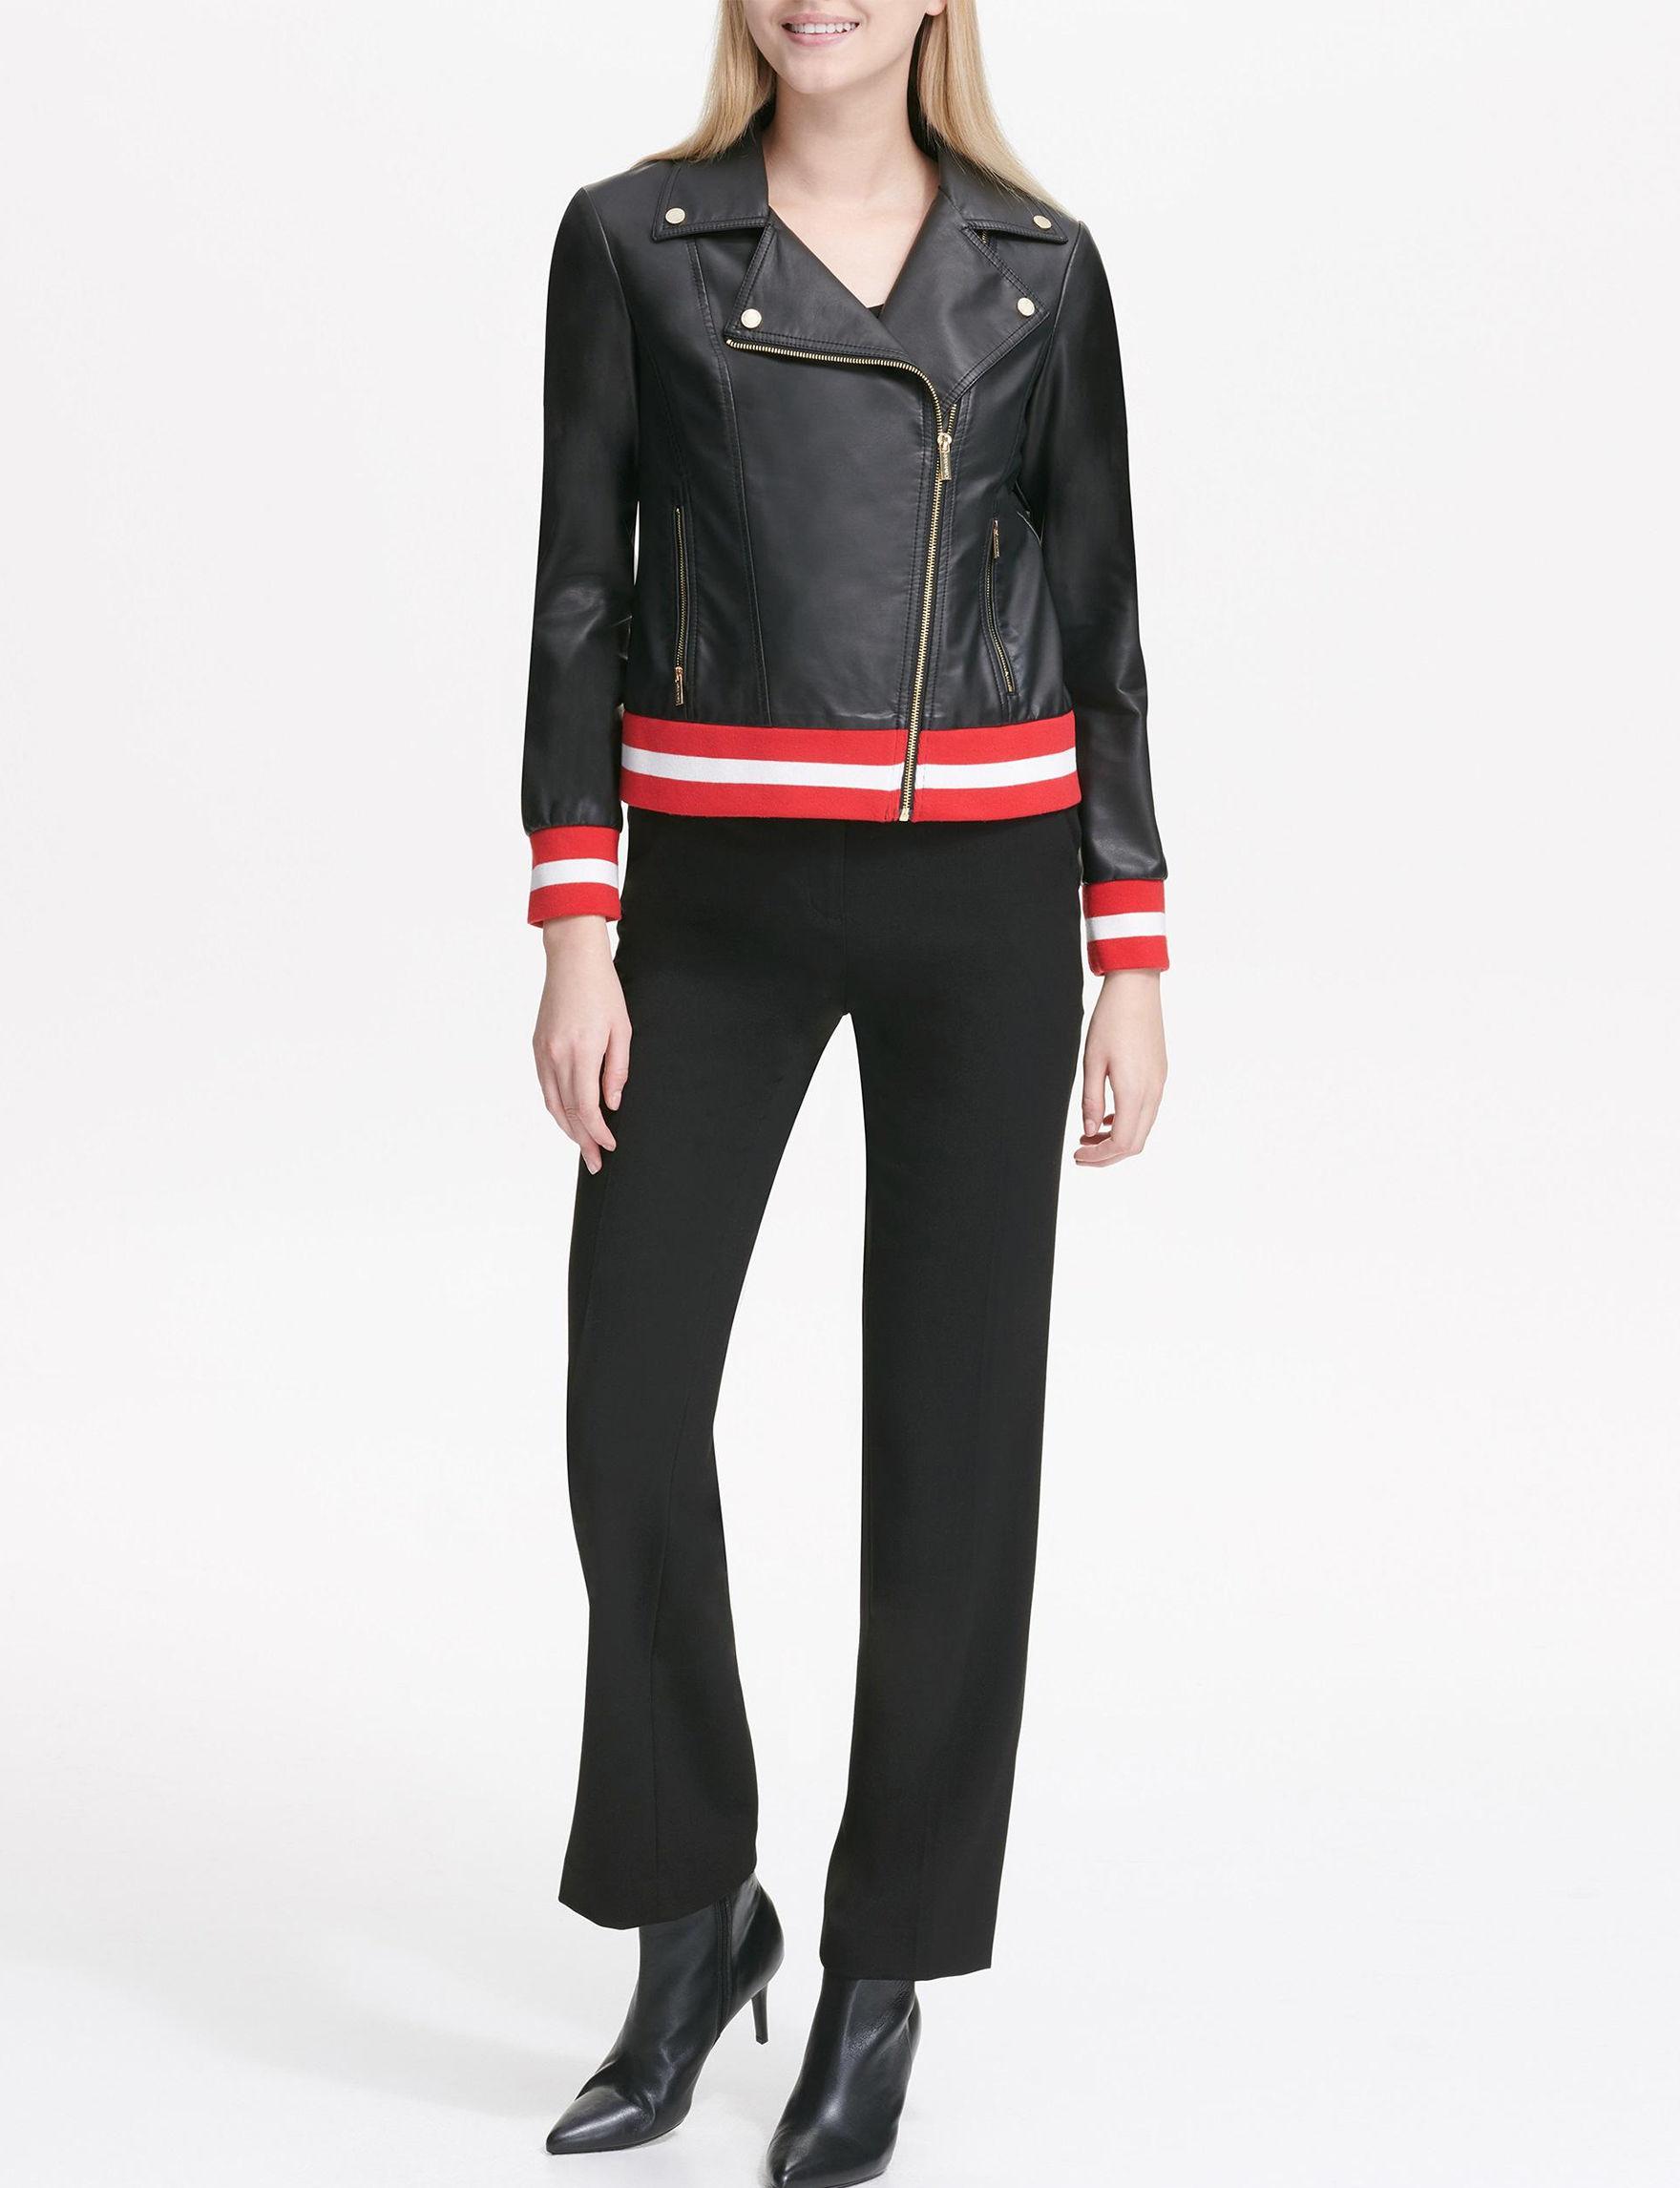 Calvin Klein Black / Red / White Lightweight Jackets & Blazers